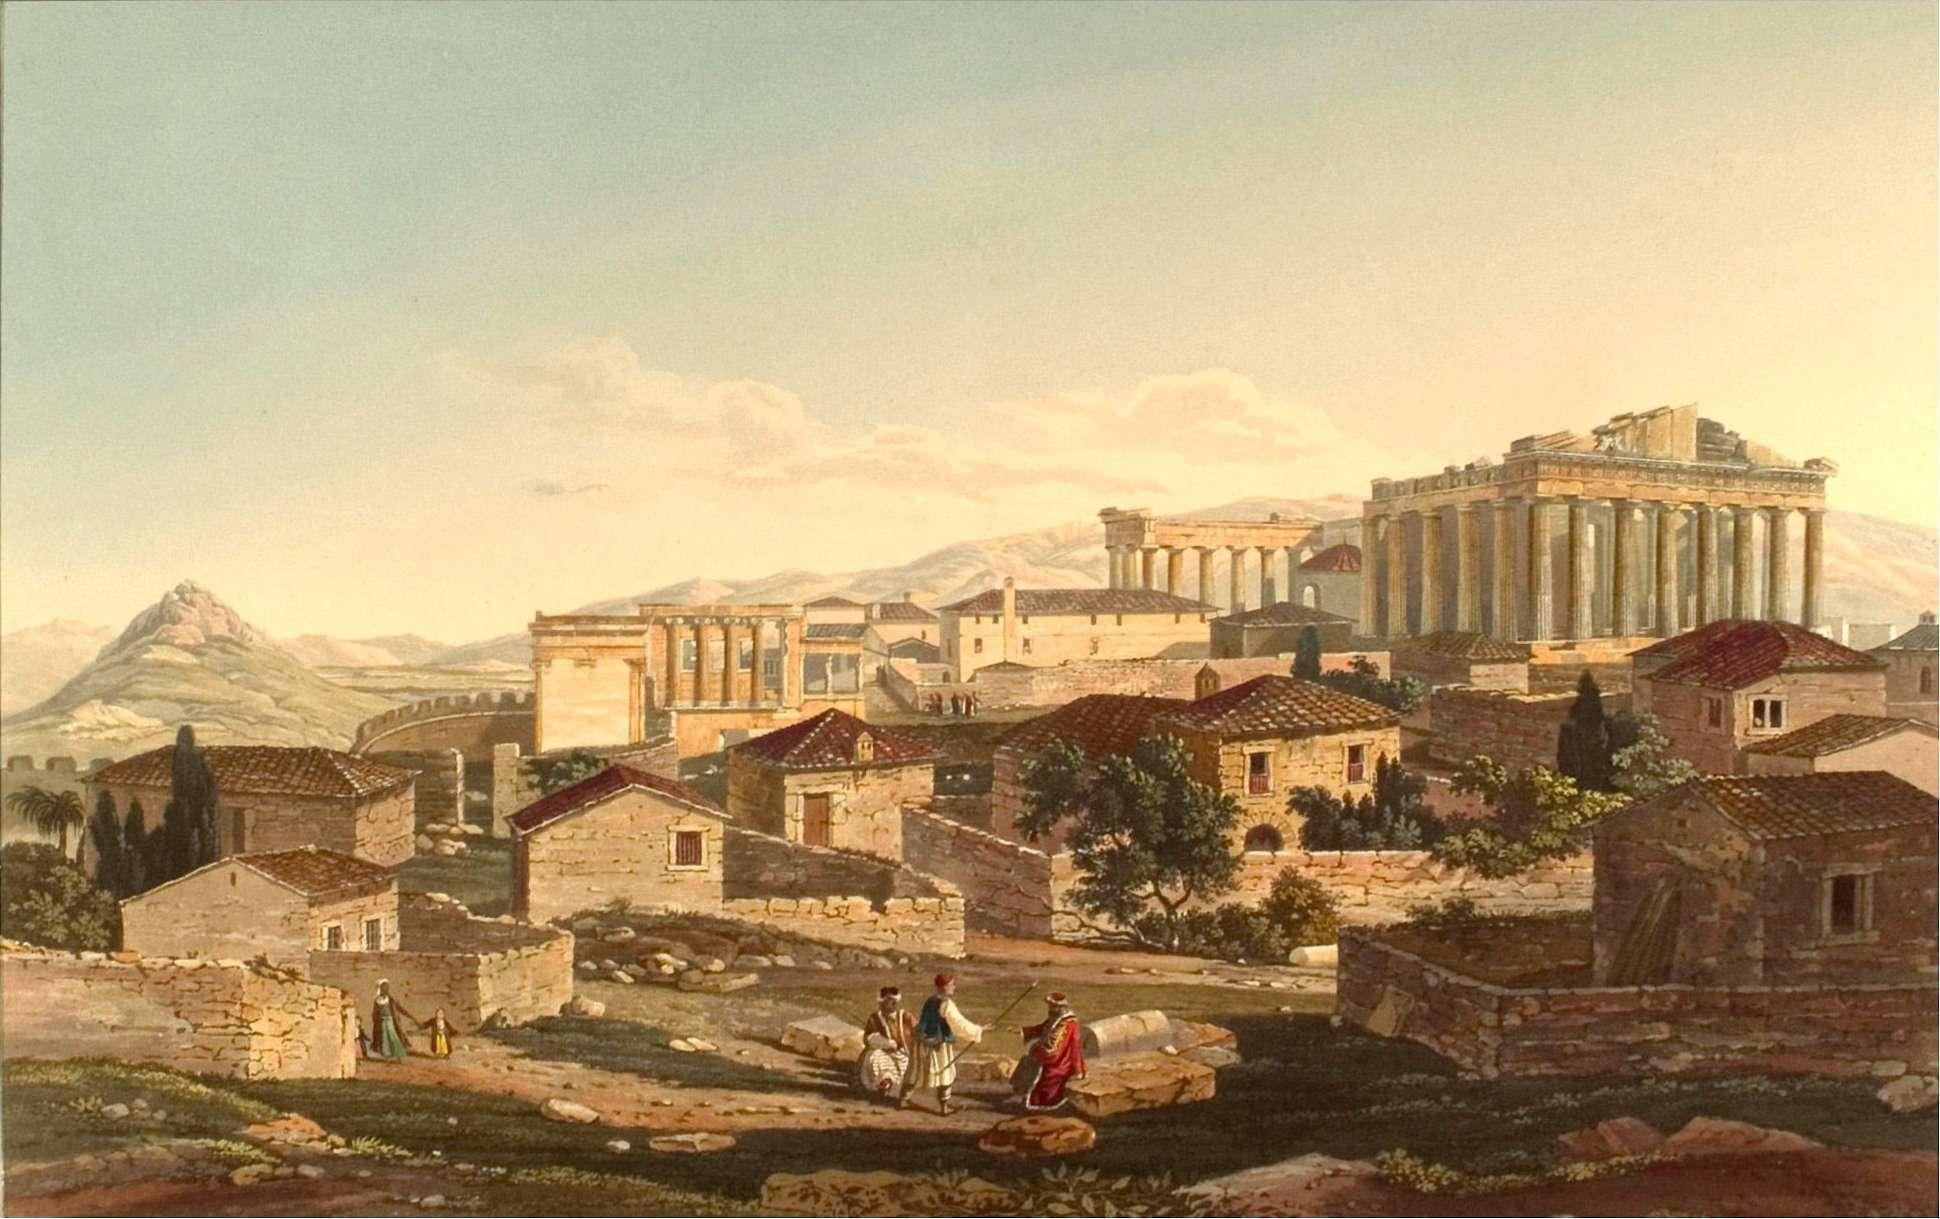 Αθήνα, ο Παρθενώνας στα 1821. Edward Dodwell: Views in Greece, London 1821